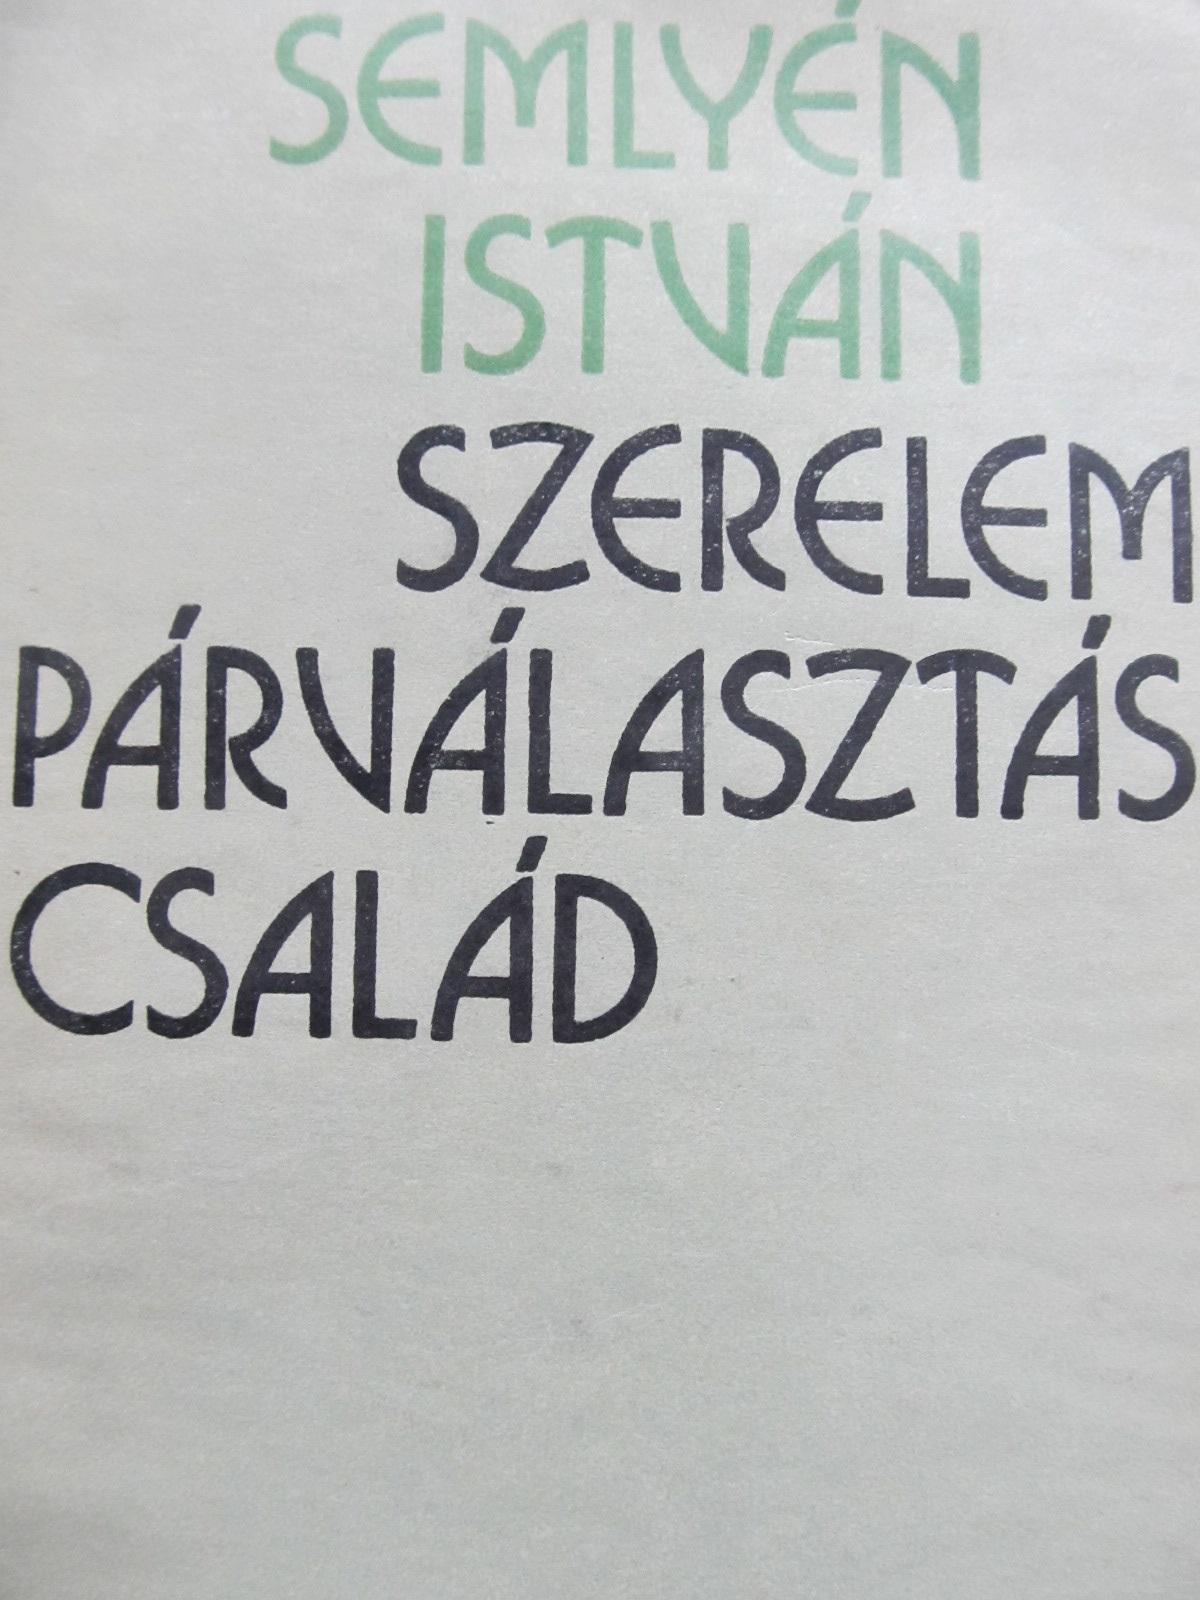 Szerelem Parvalasztas csalad - Semlyen Istvan | Detalii carte